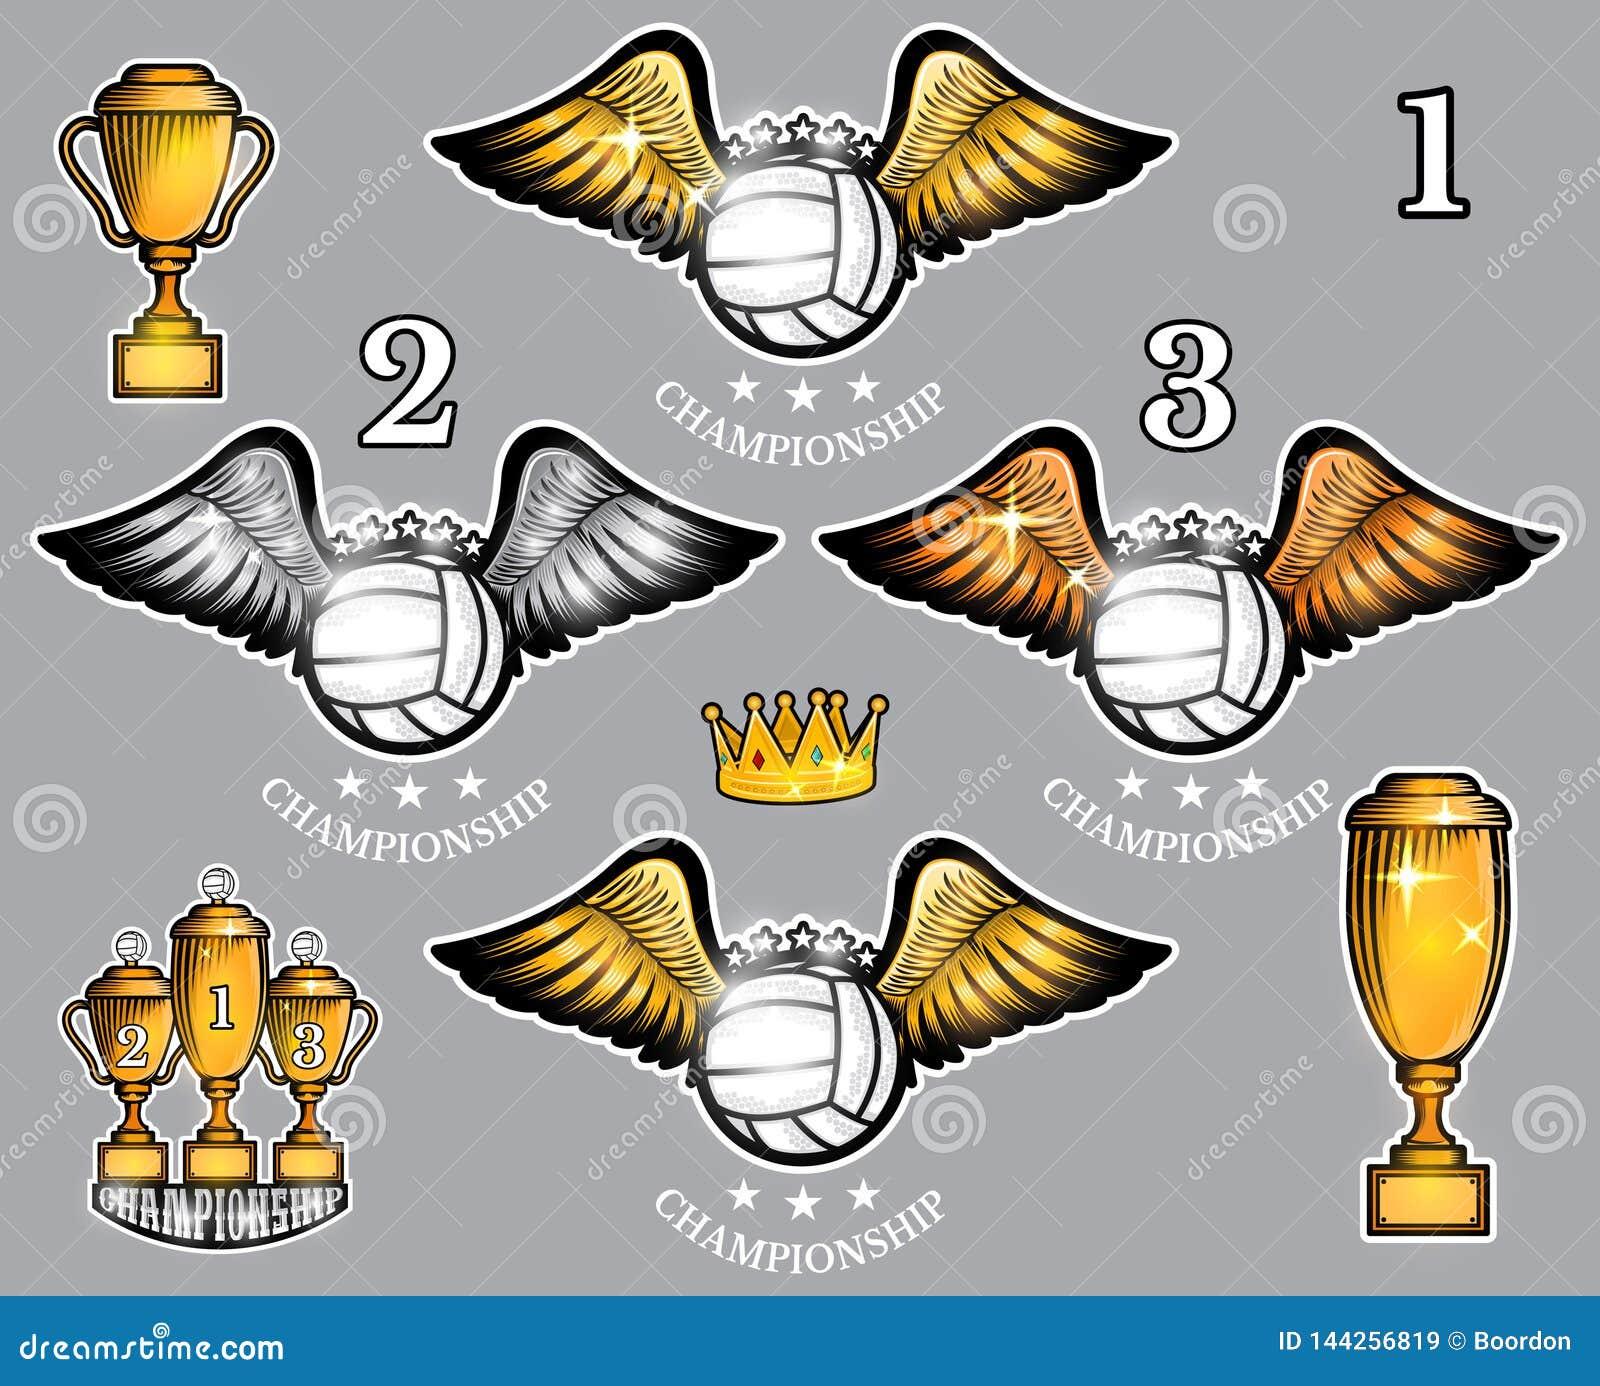 Σφαίρες πετοσφαίρισης με τα φλυτζάνια και την κορώνα φτερών Διανυσματικό σύνολο αθλητικού λογότυπου για οποιαδήποτε ομάδα